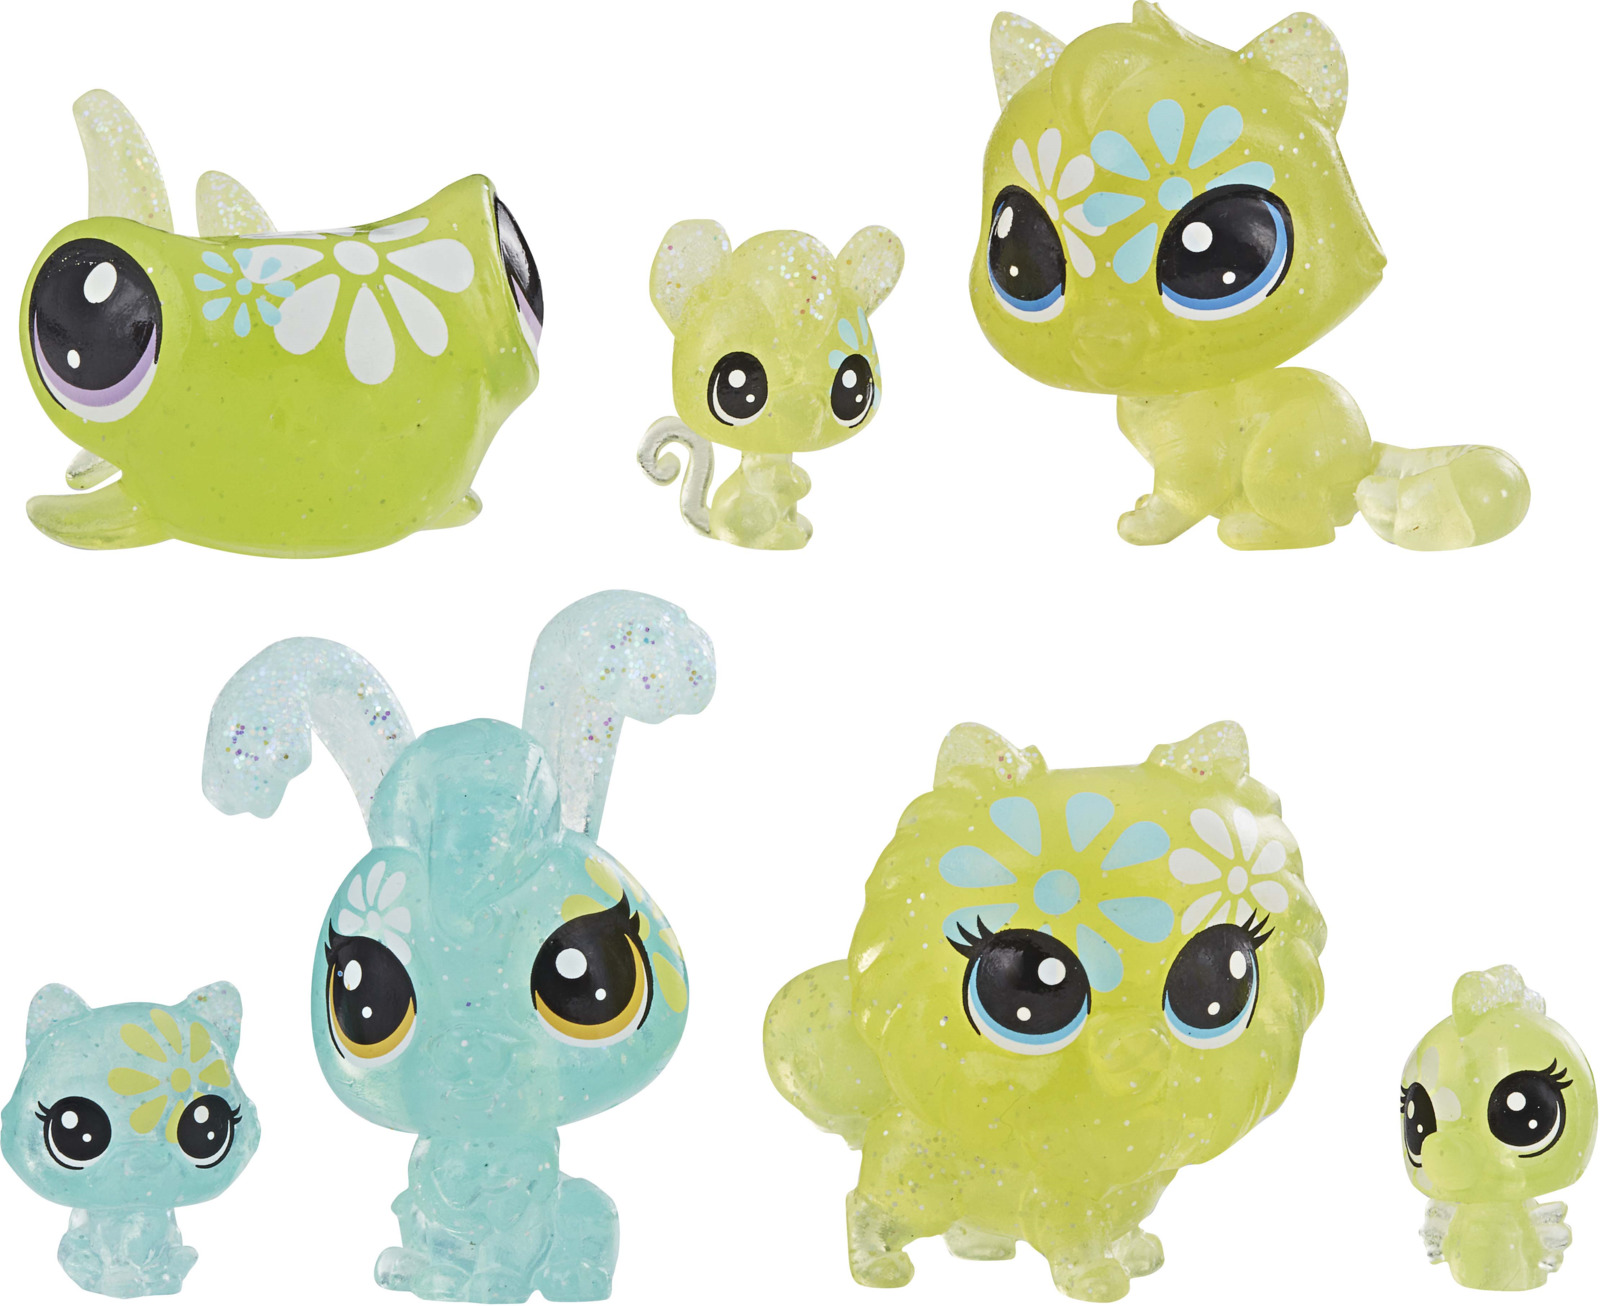 Игровой набор Littlest Pet Shop Core 7 Цветочных Петов, E5149EU4, цвет: зеленыйE5149EU4_E5165Забавные зверюшки с большими глазами и детально проработанным туловищем Littlest Pet Shop из мультсериала «Маленький зоомагазин» – серия игрушек с аксессуарами. Маленькие питомцы сразу становятся любимцами детей. В наборе 4 больших и 3 маленьких фигурки разноцветных питомцев с большими глазами и цветочными принтами на туловищах.